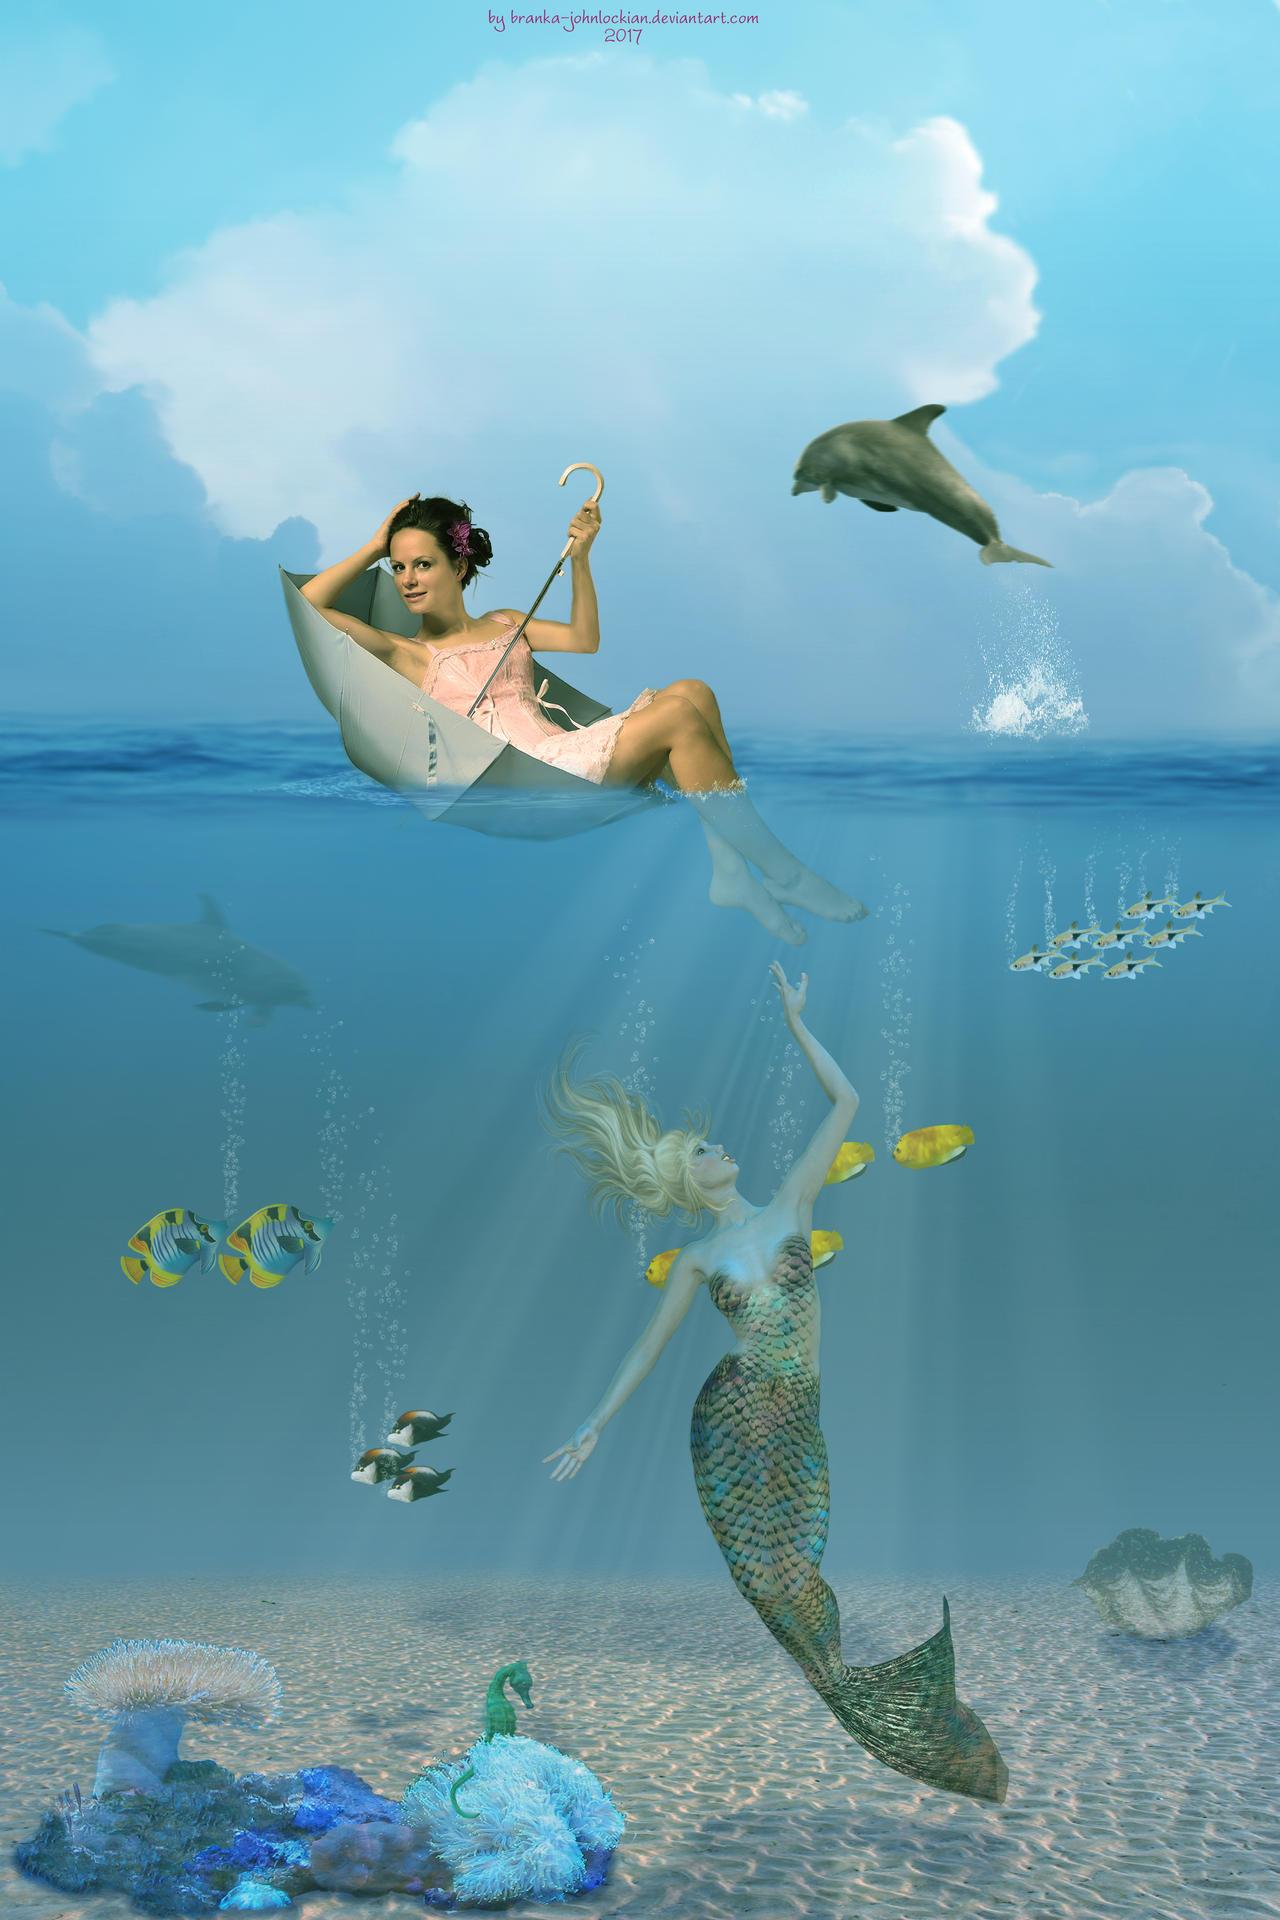 Gonna Catch Them Toes by Branka-Johnlockian